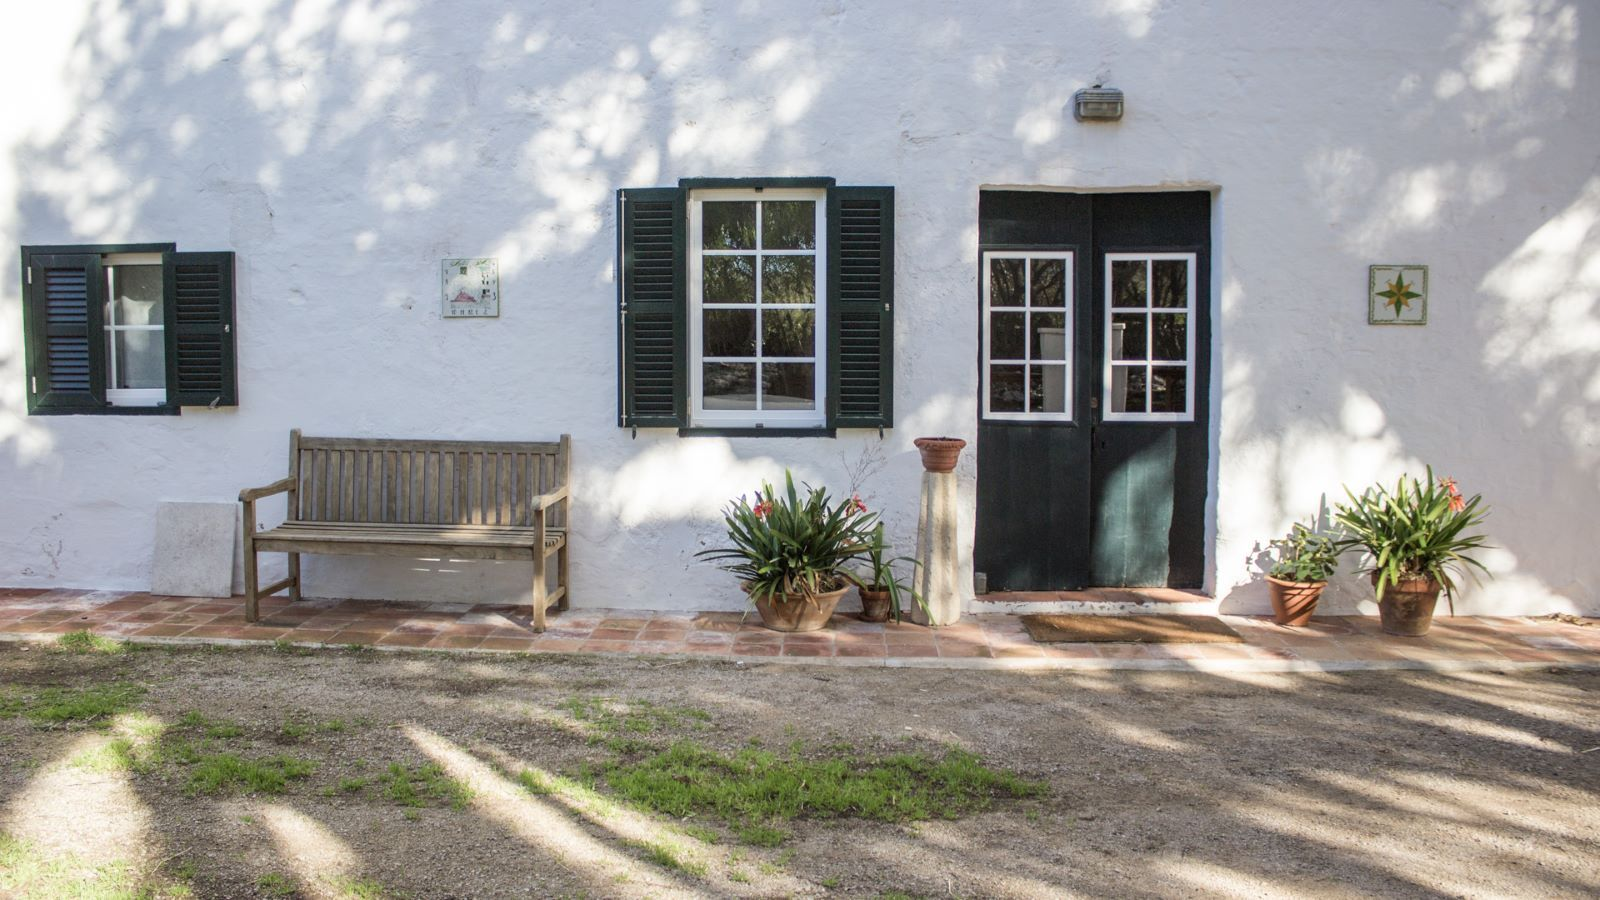 Casa De Campo En Biniparrell Ref S2481 56 Casas Casas En Venta Casas De Campo